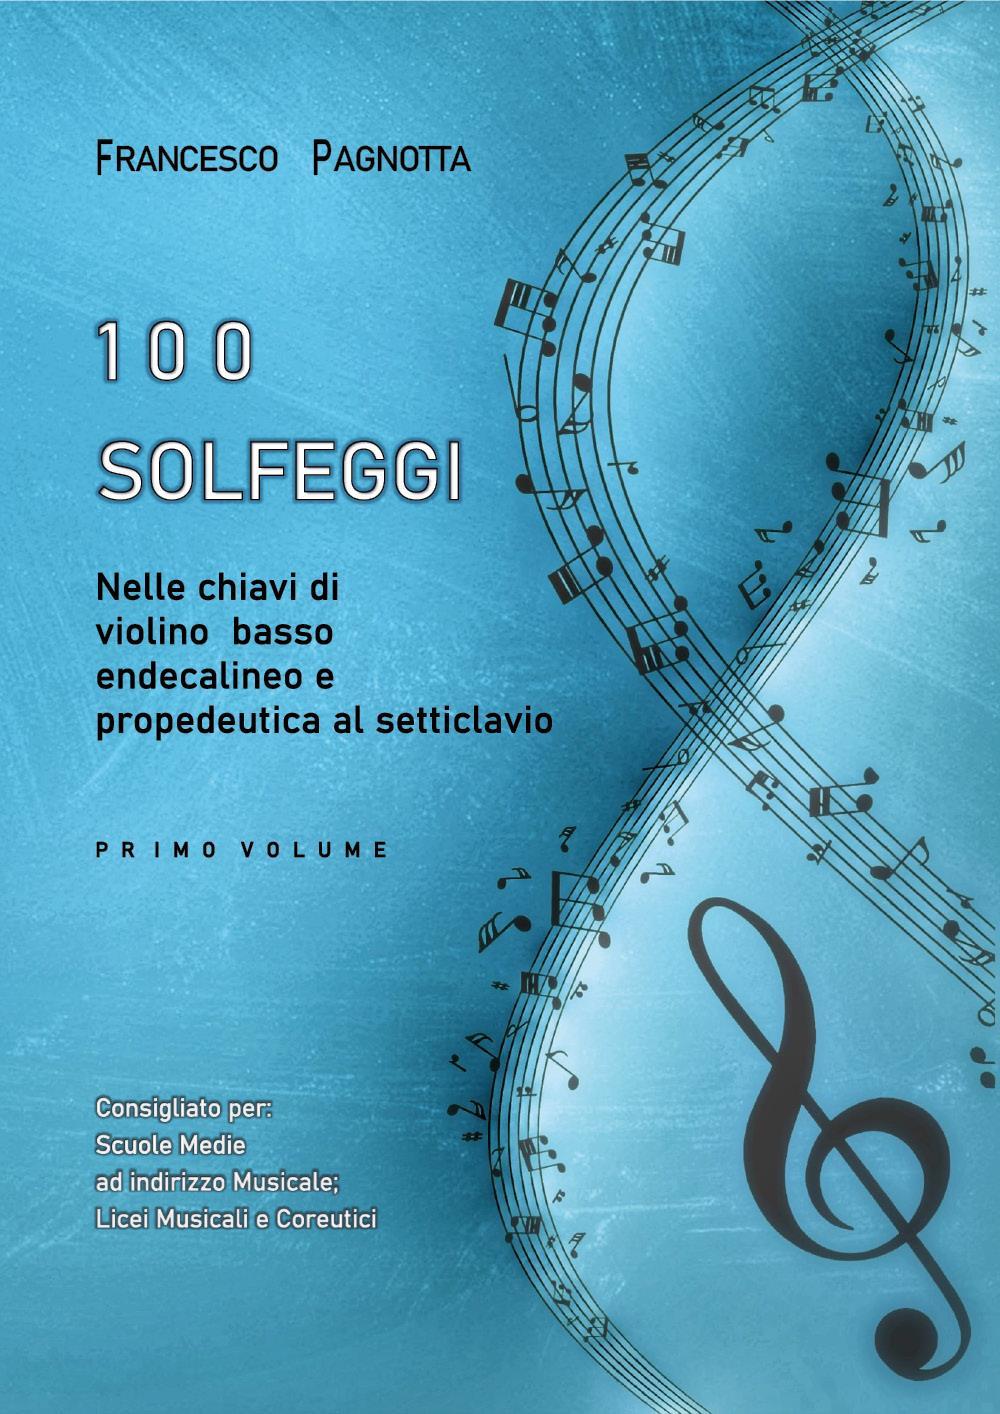 100 Solfeggi nelle chiavi di violino, basso, endecalineo e propedeutica al setticlavio